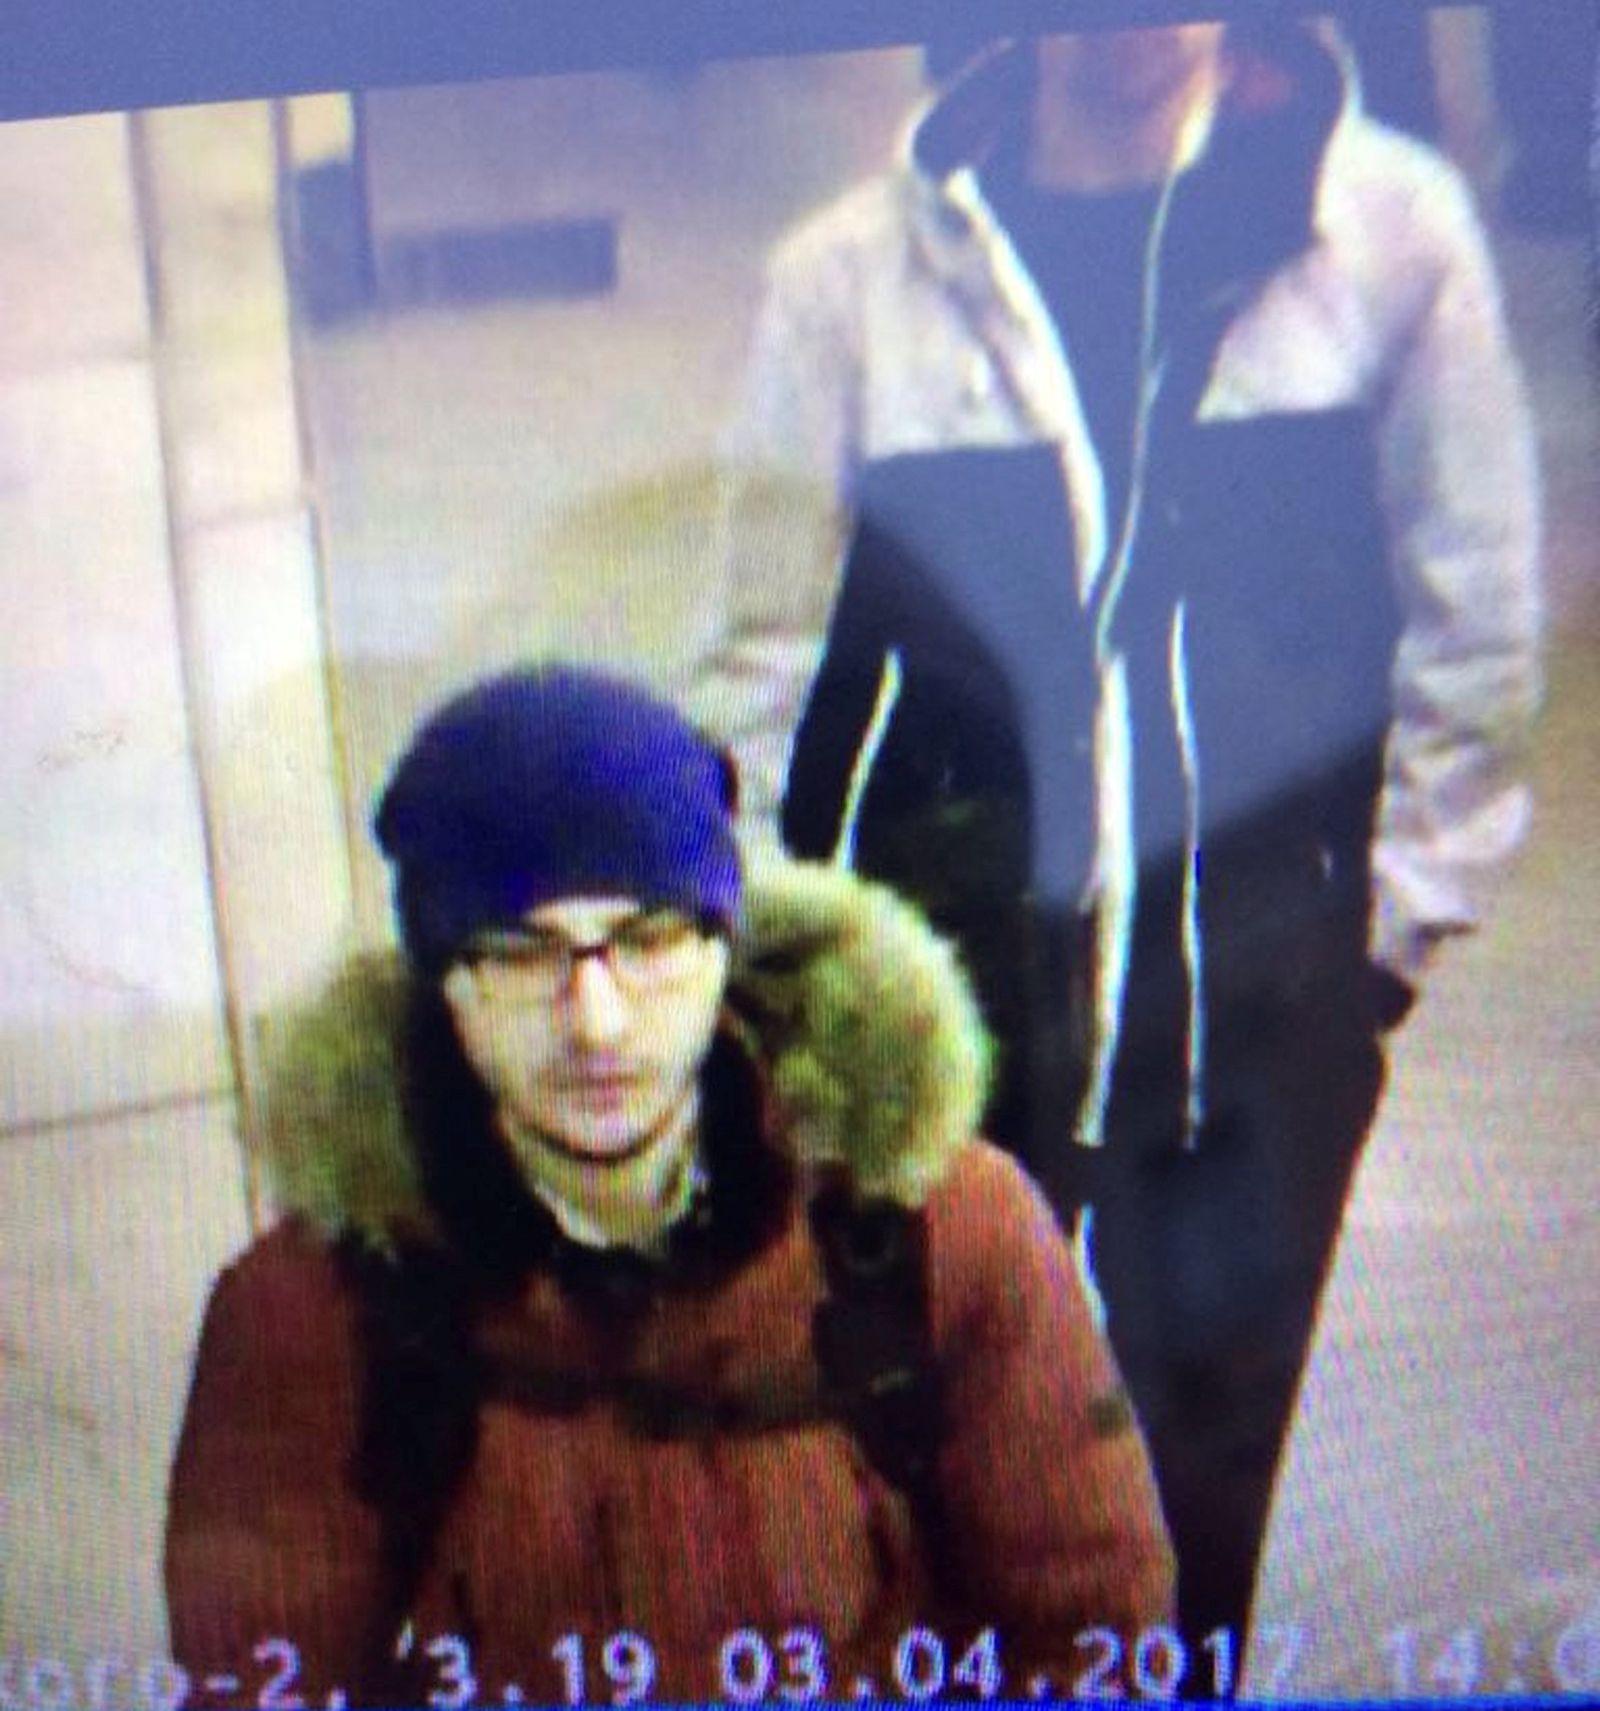 EINMALIGE VERWENDUNG St. Petersburg/ Anschlag/ Akbarzhon Jalilov